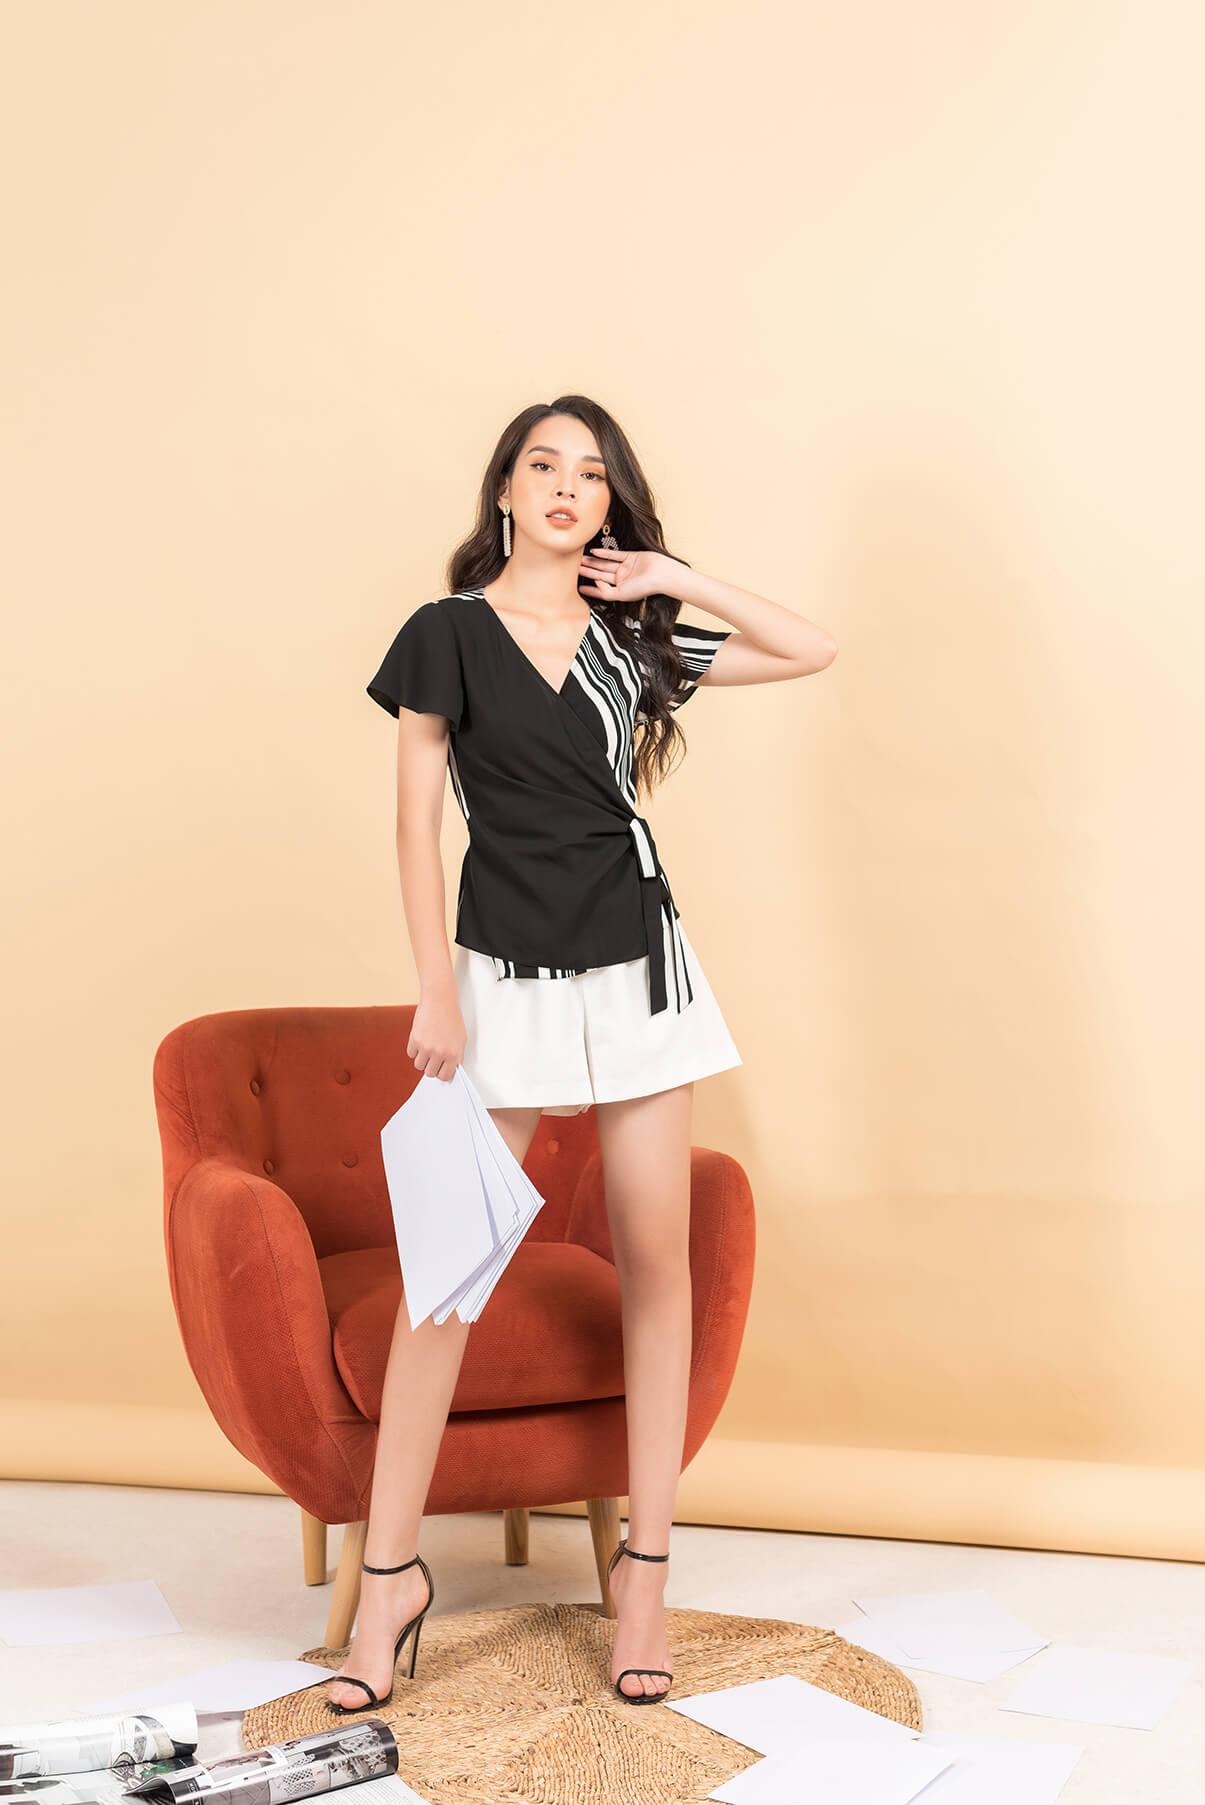 Chiếc áo cổ V được thiết kế tinh tế vừa giúp bạn che đi khuyến điểm vai thô vừa mang lại phong cách lịch sự, sang trọng